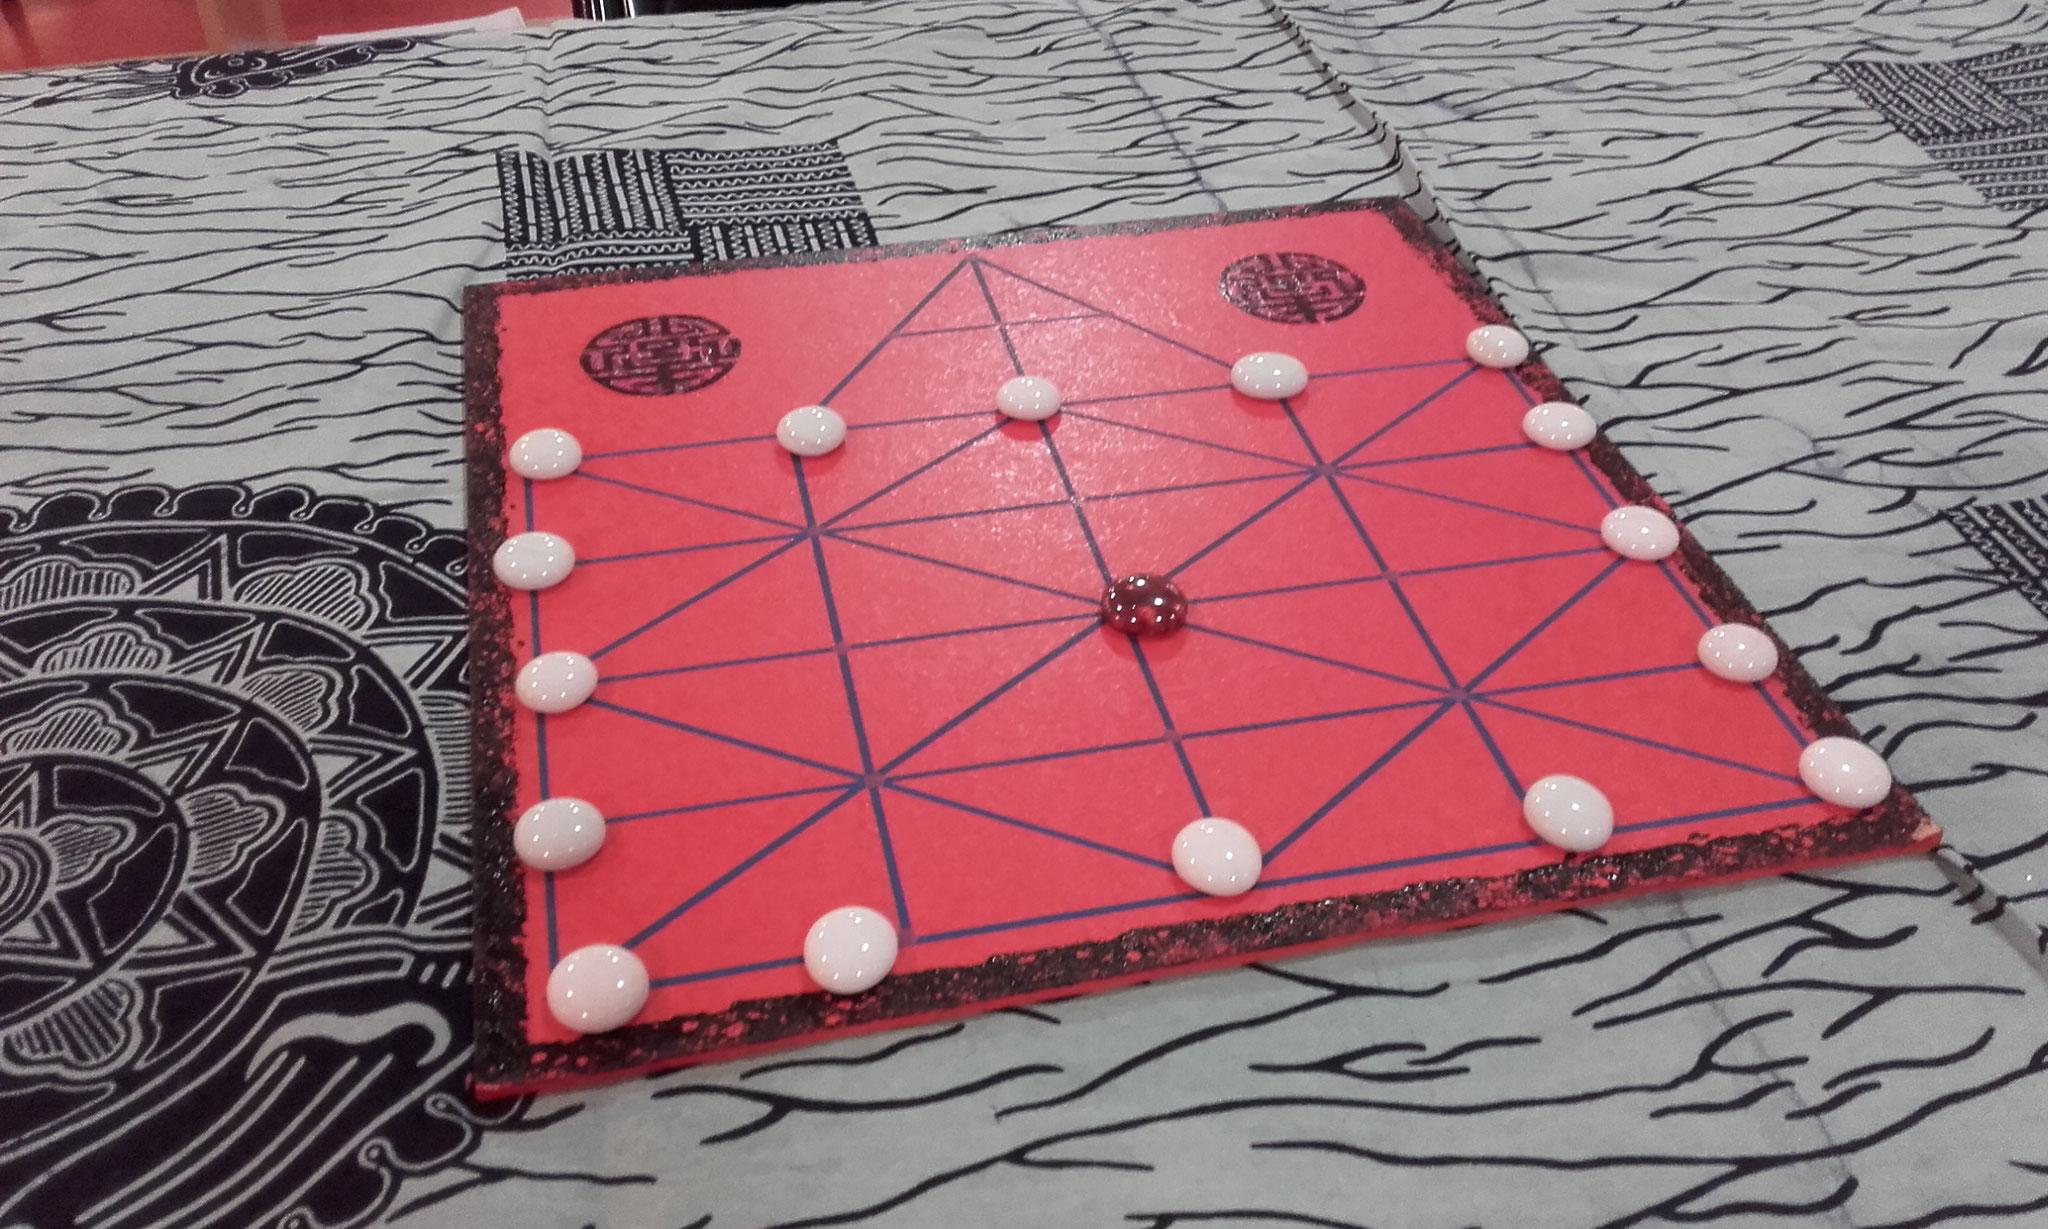 Shap luk kon tseung kwan, jeu asymétrique chinois